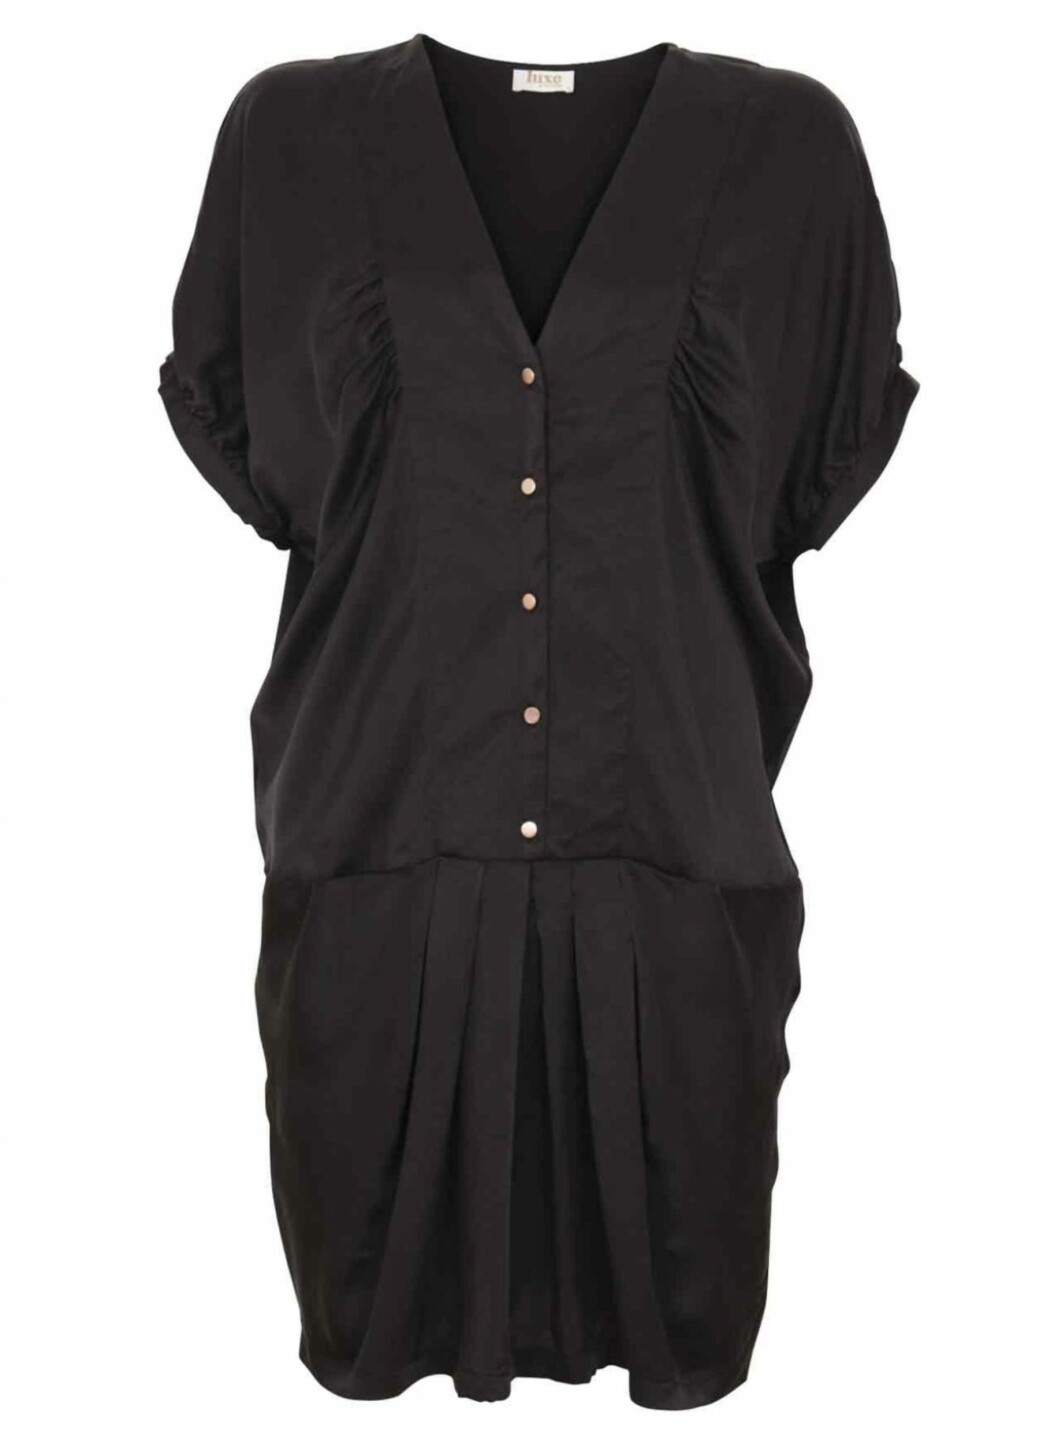 Svart kjole med knepping i 100 prosent silke (kr.899,95/Vila.bestsellershop.com). Foto: Produsenten